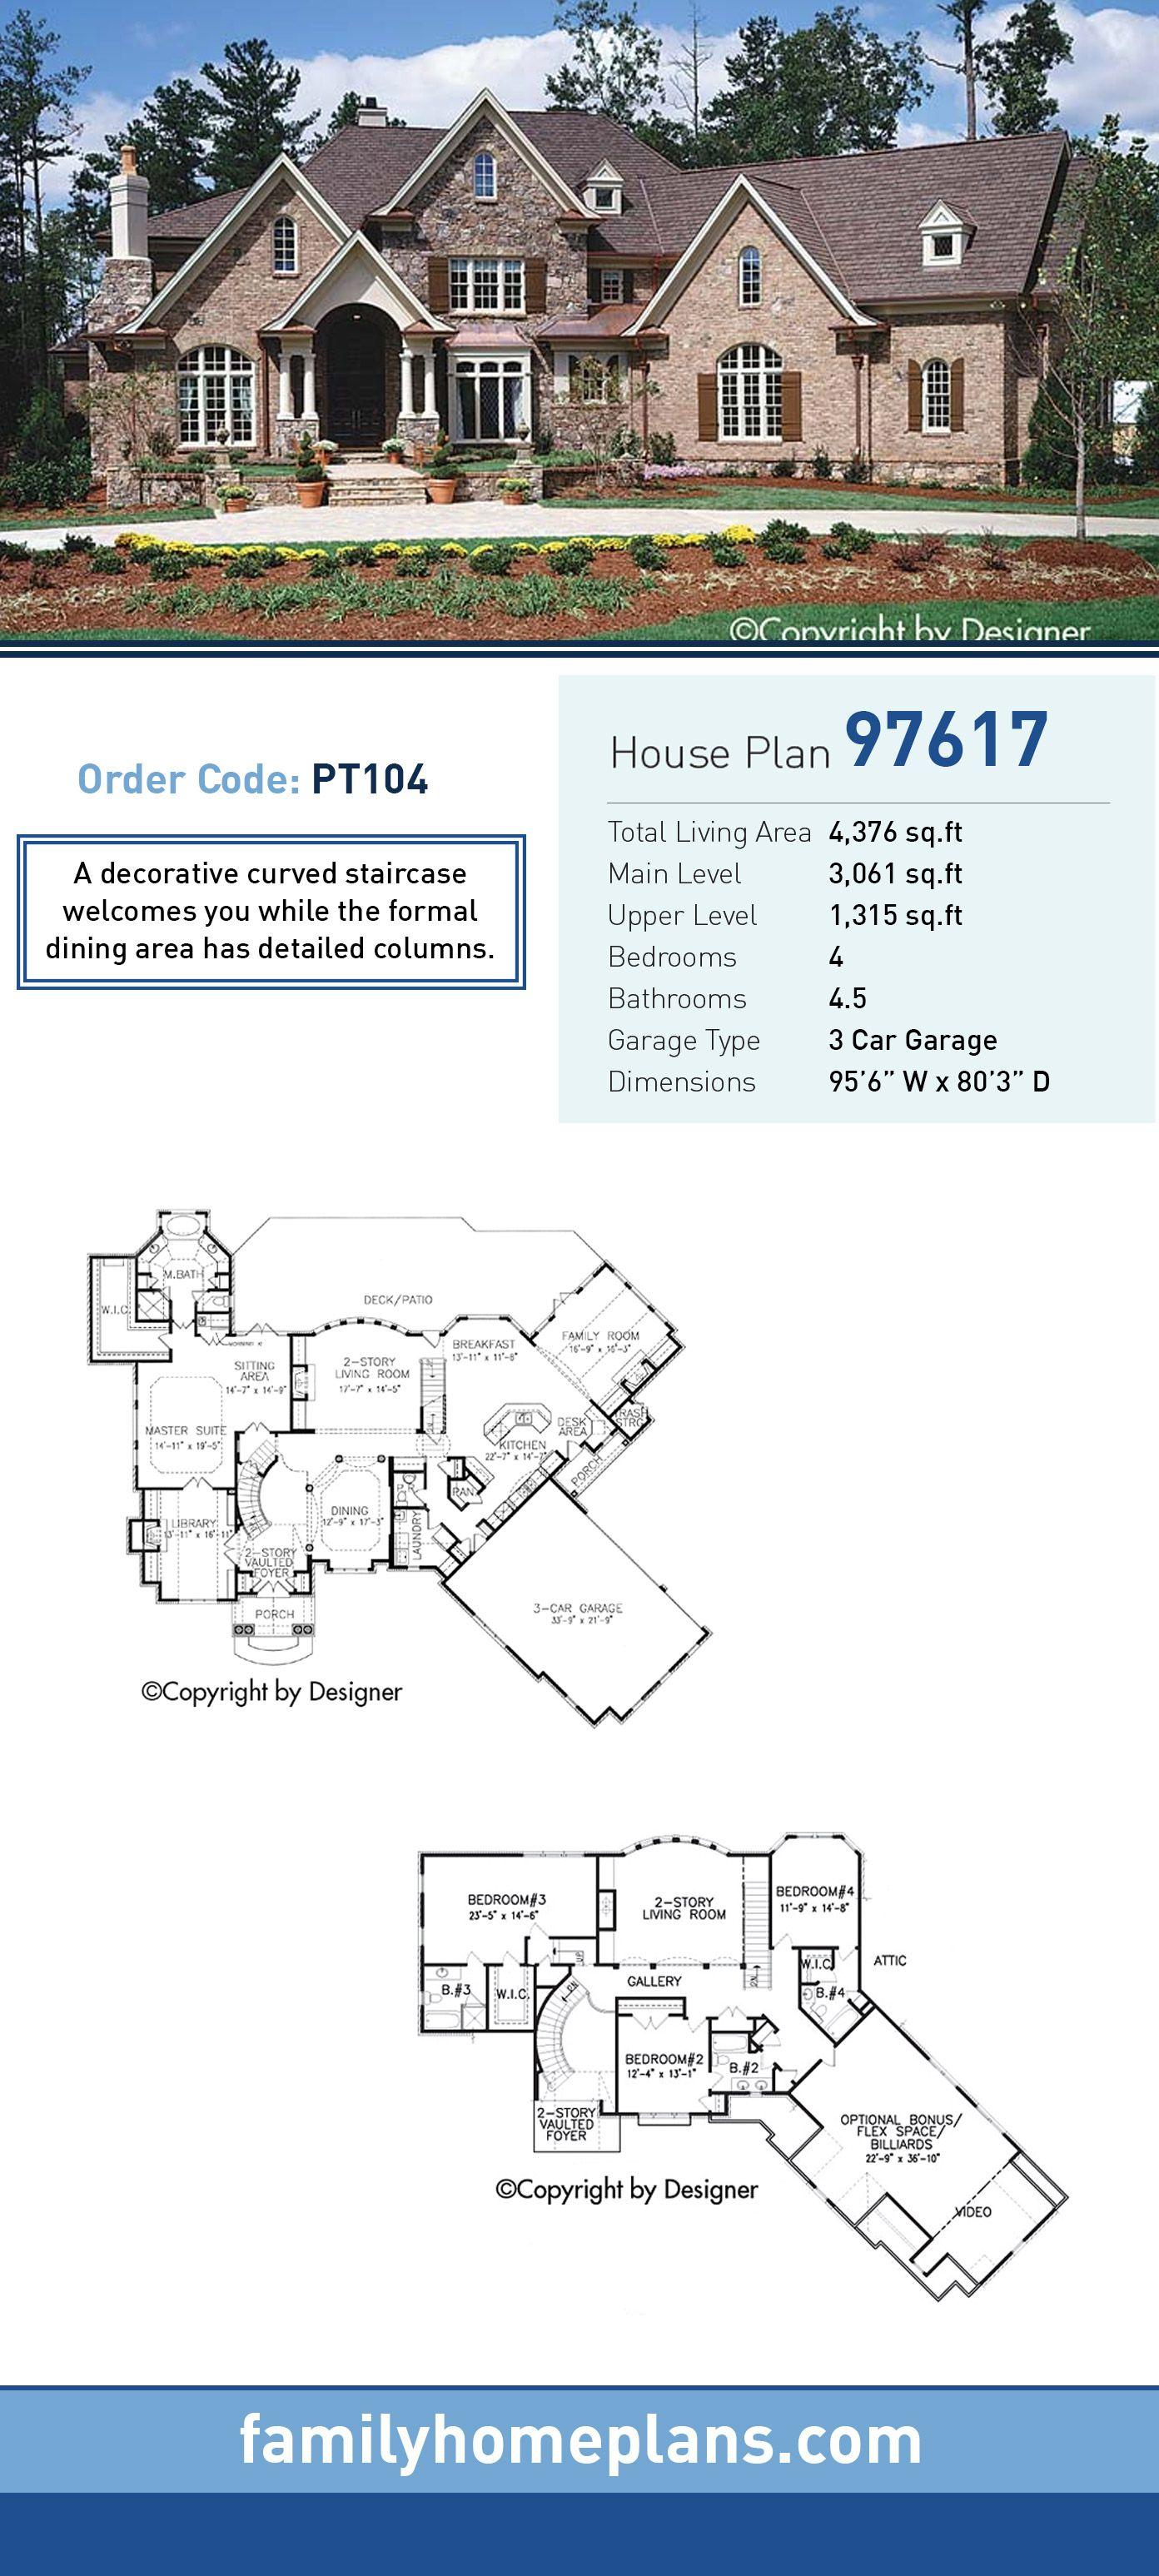 Craftsman House Plan 97617 Total Living